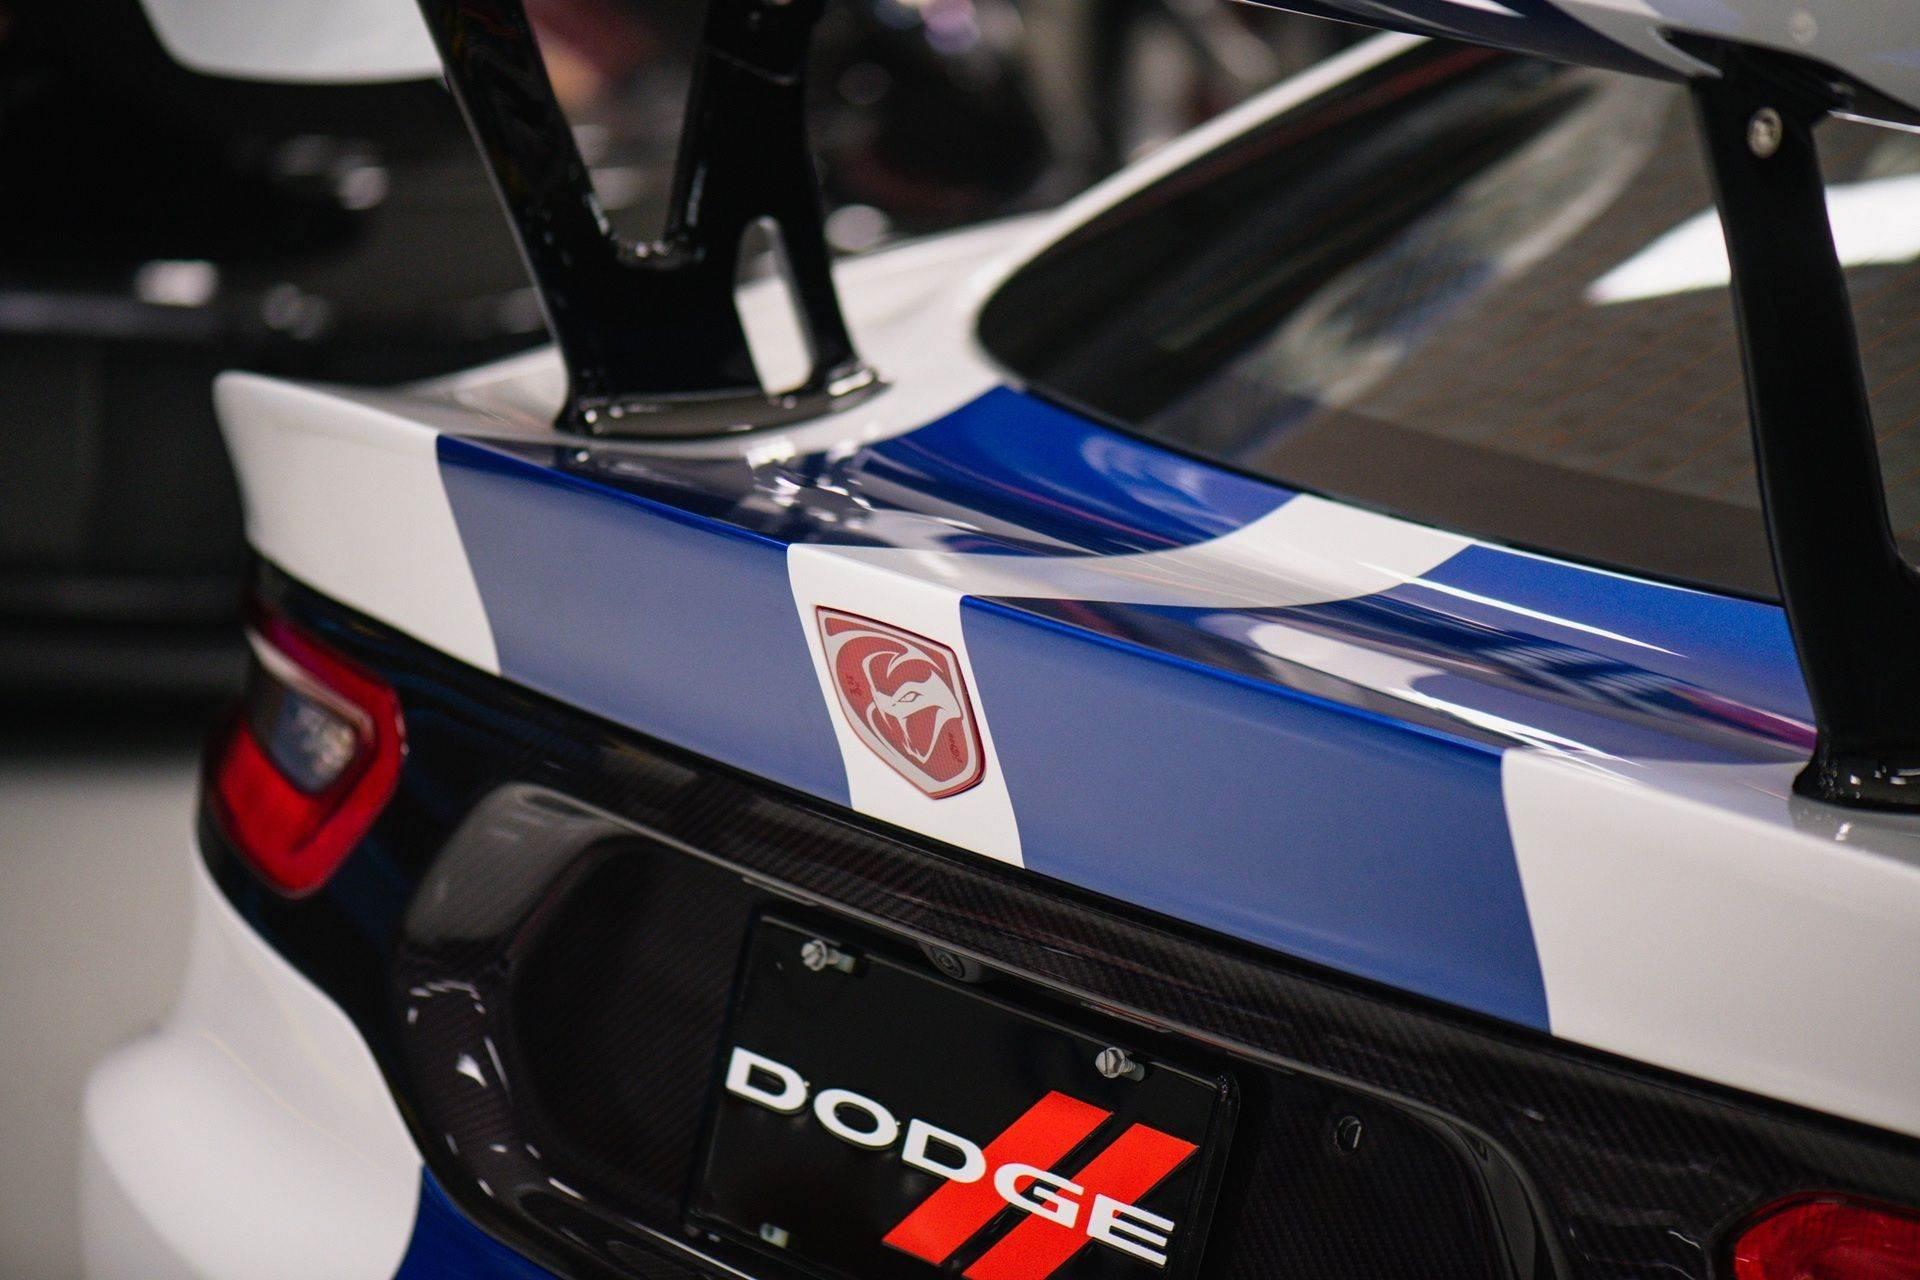 Dodge_Viper_GTS-R_Final_Edition_ACR_sale-0010